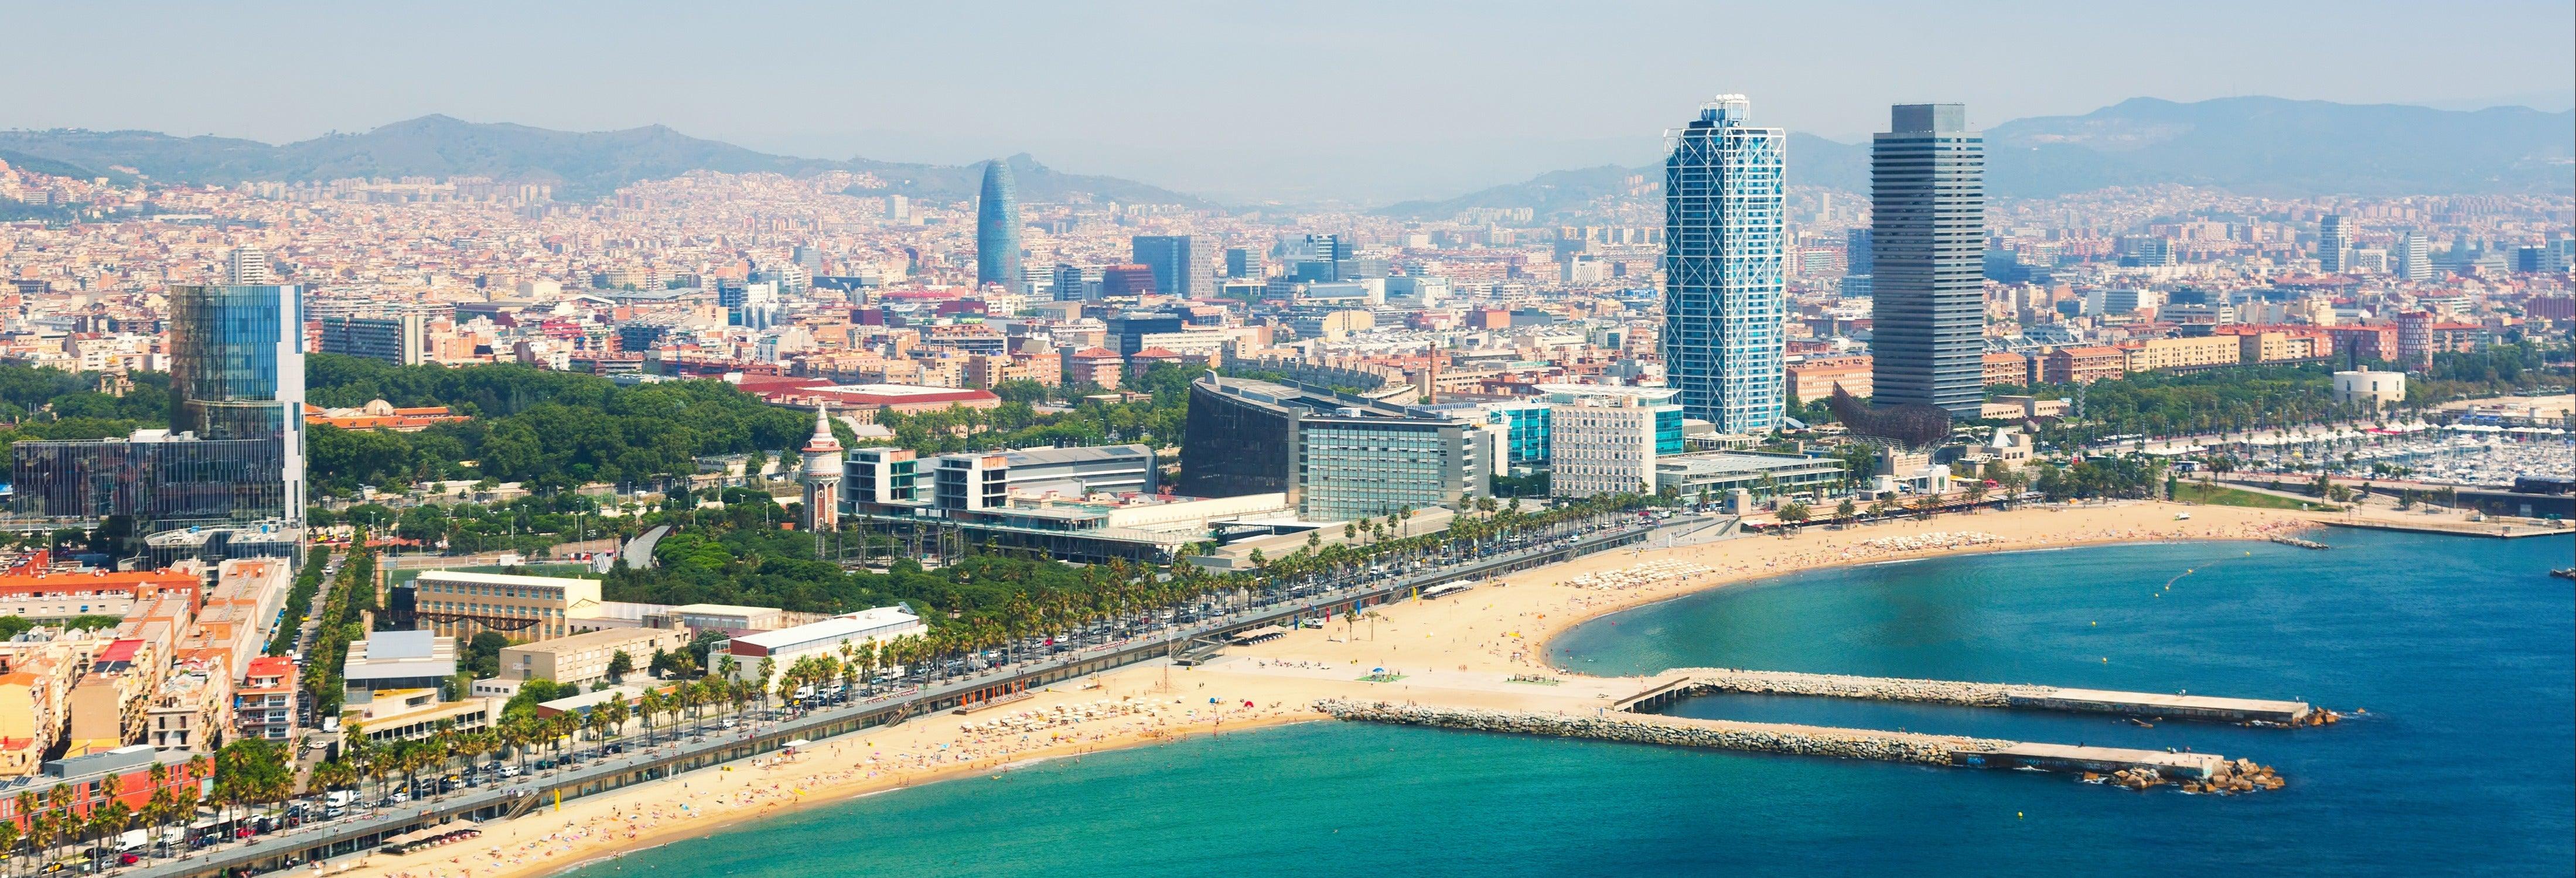 Barcelona por tierra, mar y aire